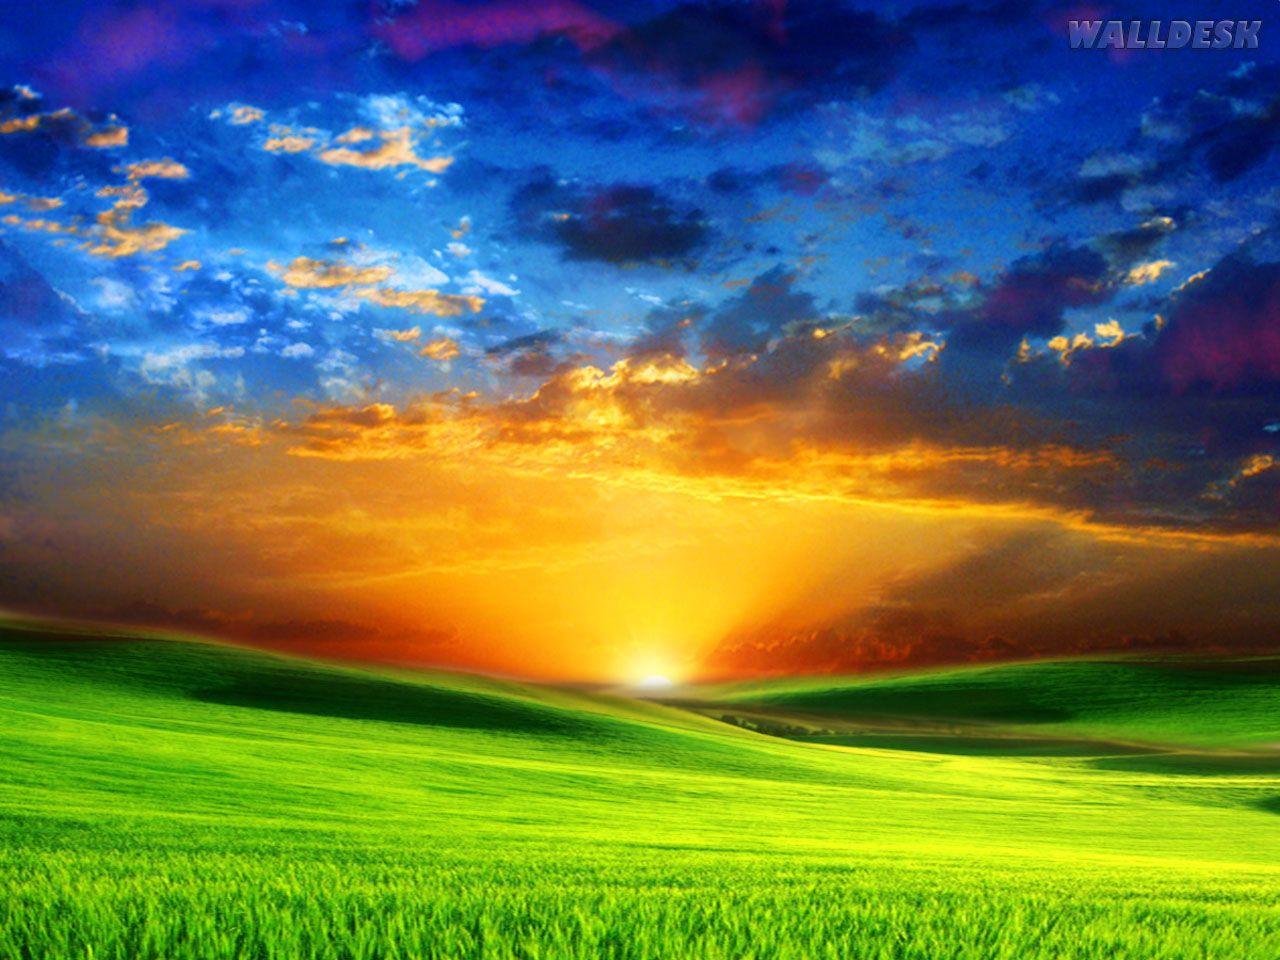 Imagens Gratis De Alta Resolucao Pesquisa Google Natureza Incrivel Lindo Por Do Sol Paisagens Maravilhosas